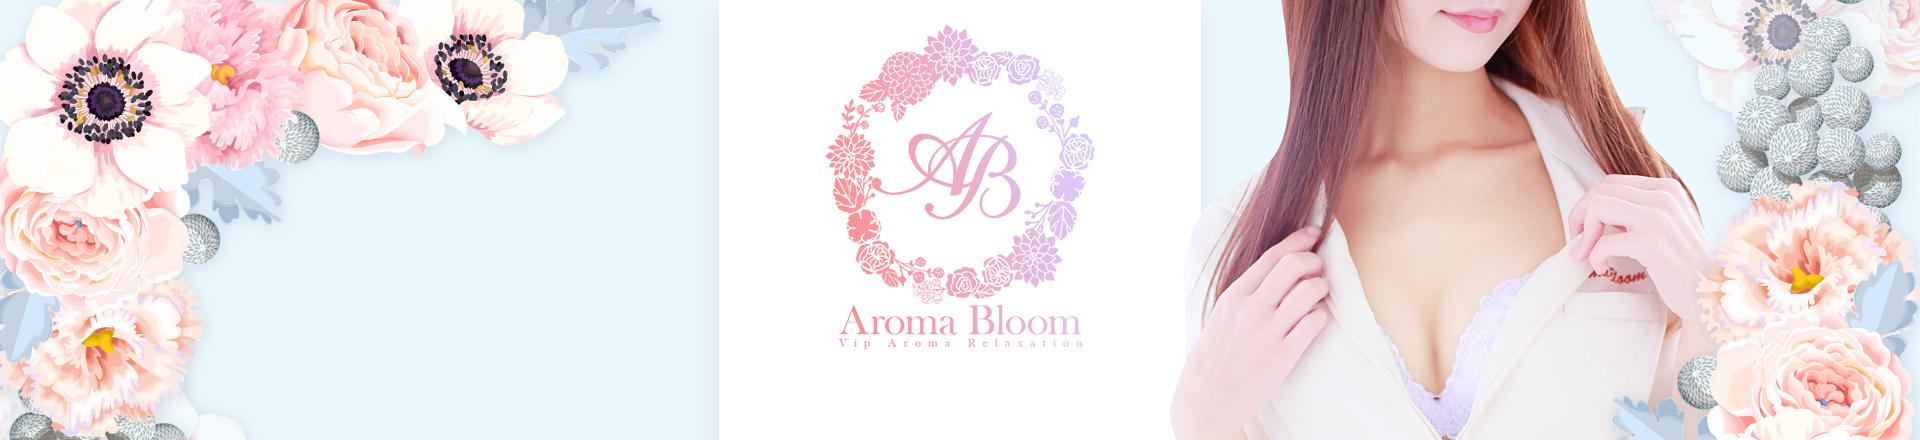 熊本 熊本市アロマエステ Aroma Bloom(アロマブルーム)